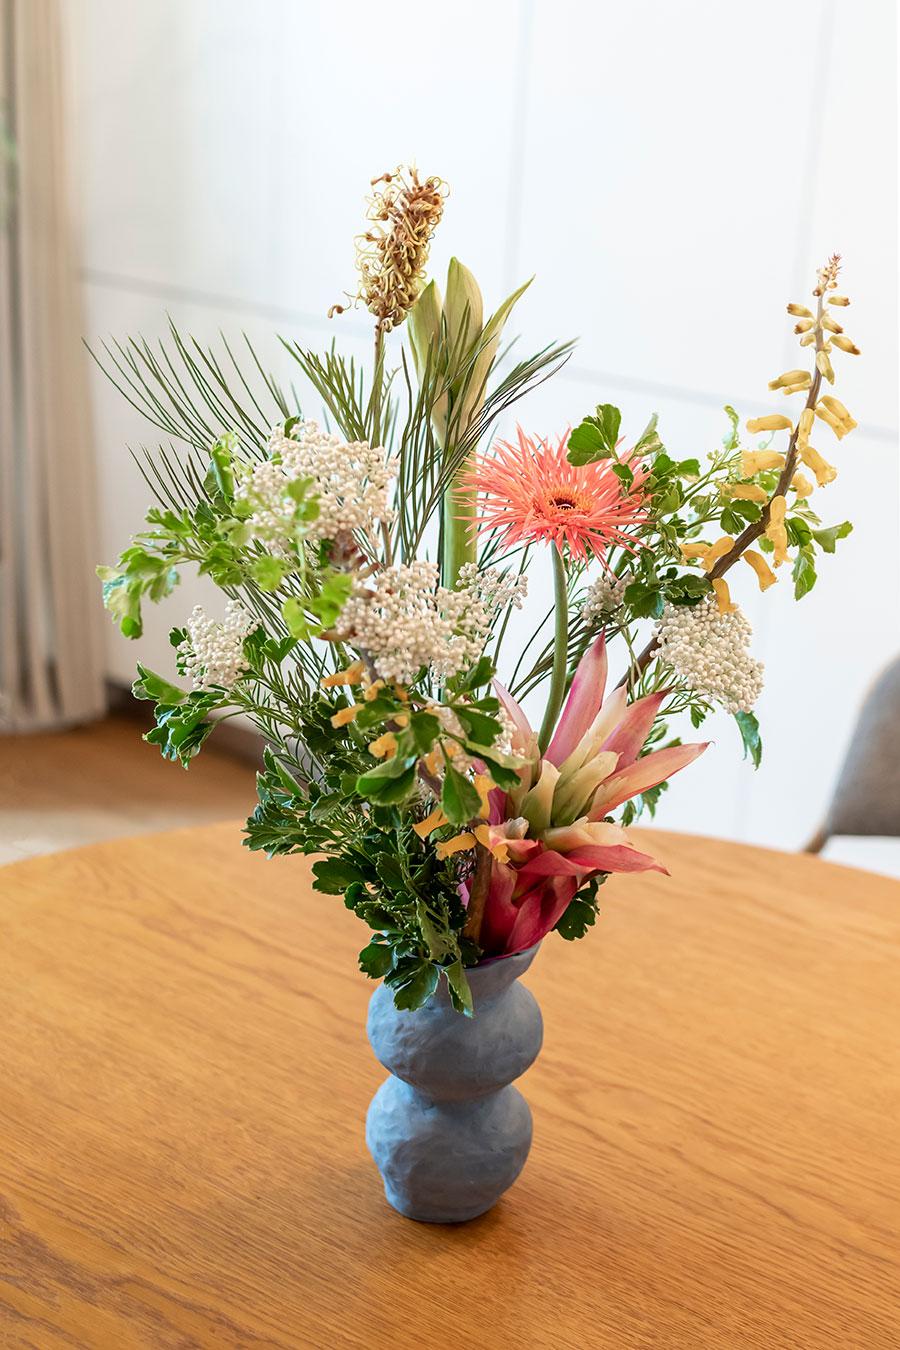 幡ヶ谷の雑貨店「BULLPEN」で購入した花瓶。